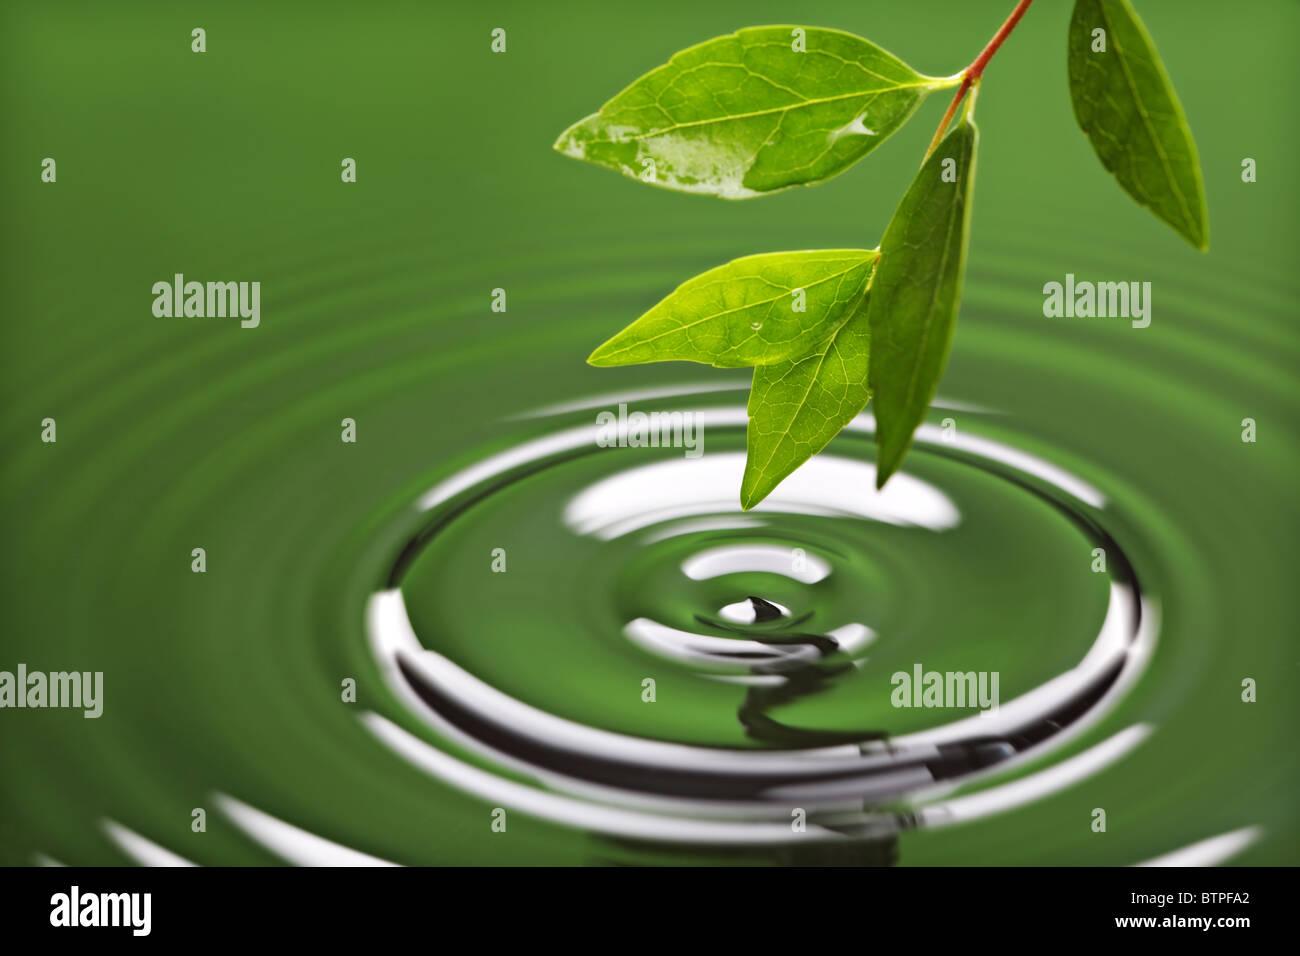 Hoja verde con rizado del agua Imagen De Stock